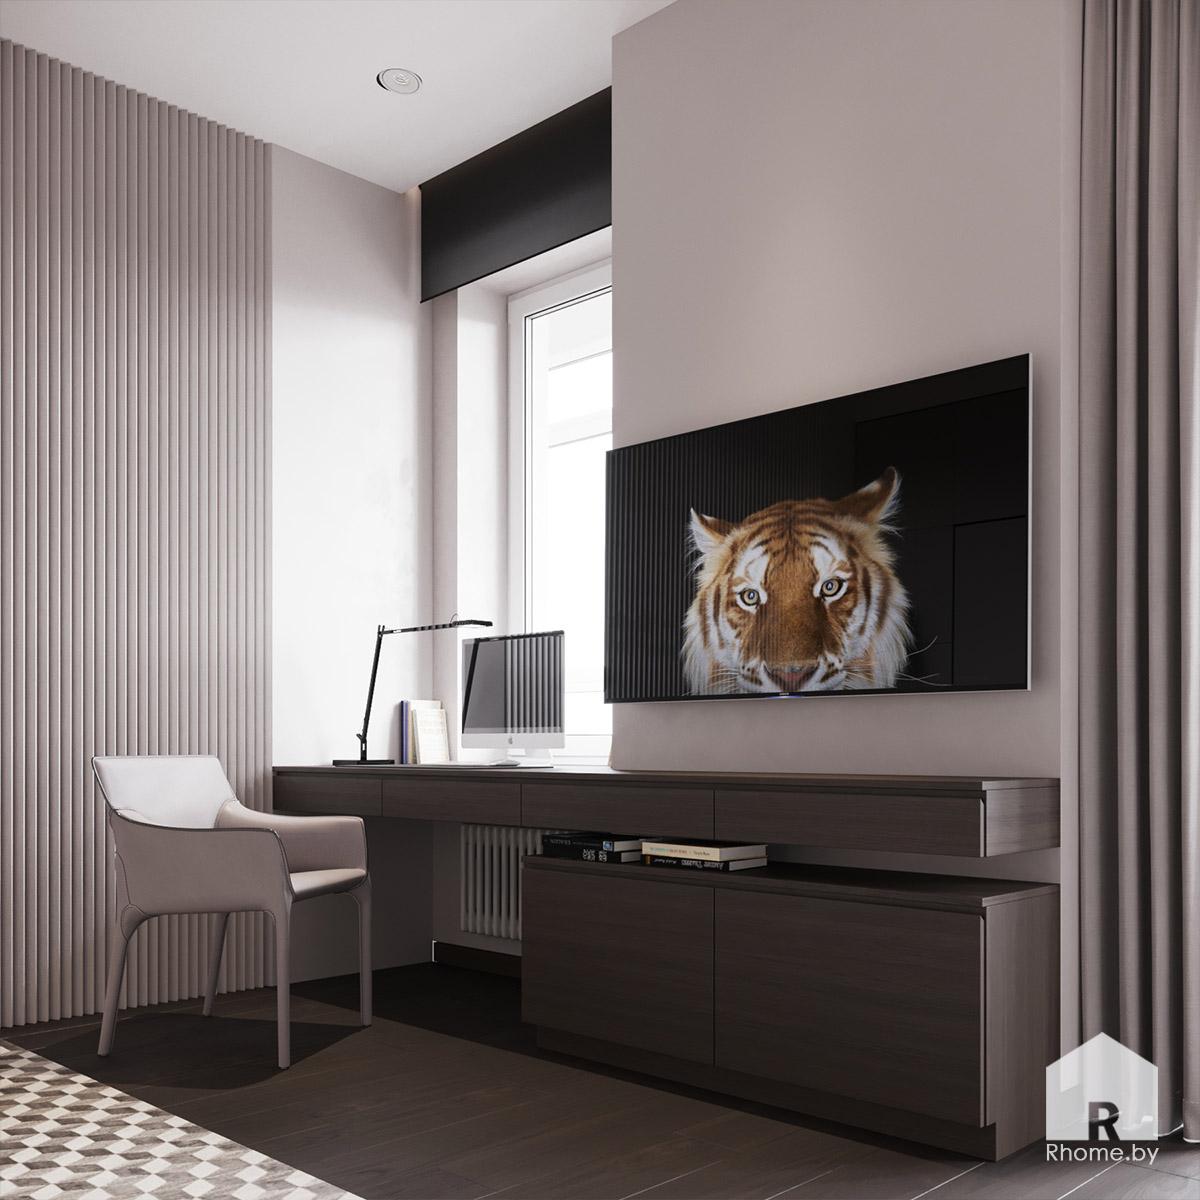 Дизайн интерьера детской комнаты в квартире на улице Сторожевская | Дизайн студия – Rhome.by